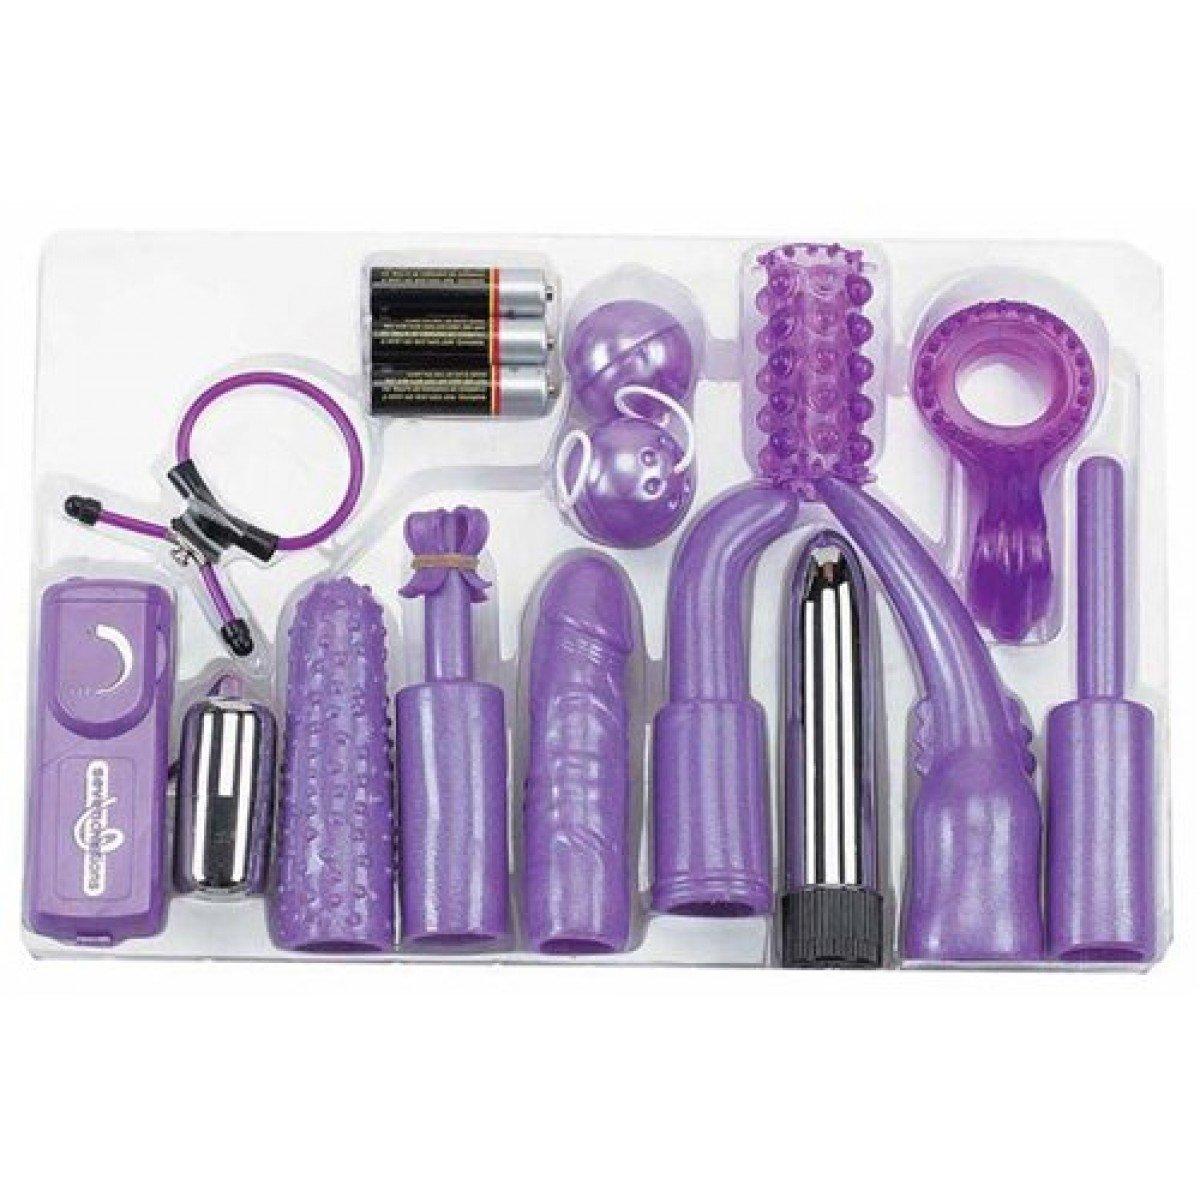 Dirty Dozen Sex Toys Kit